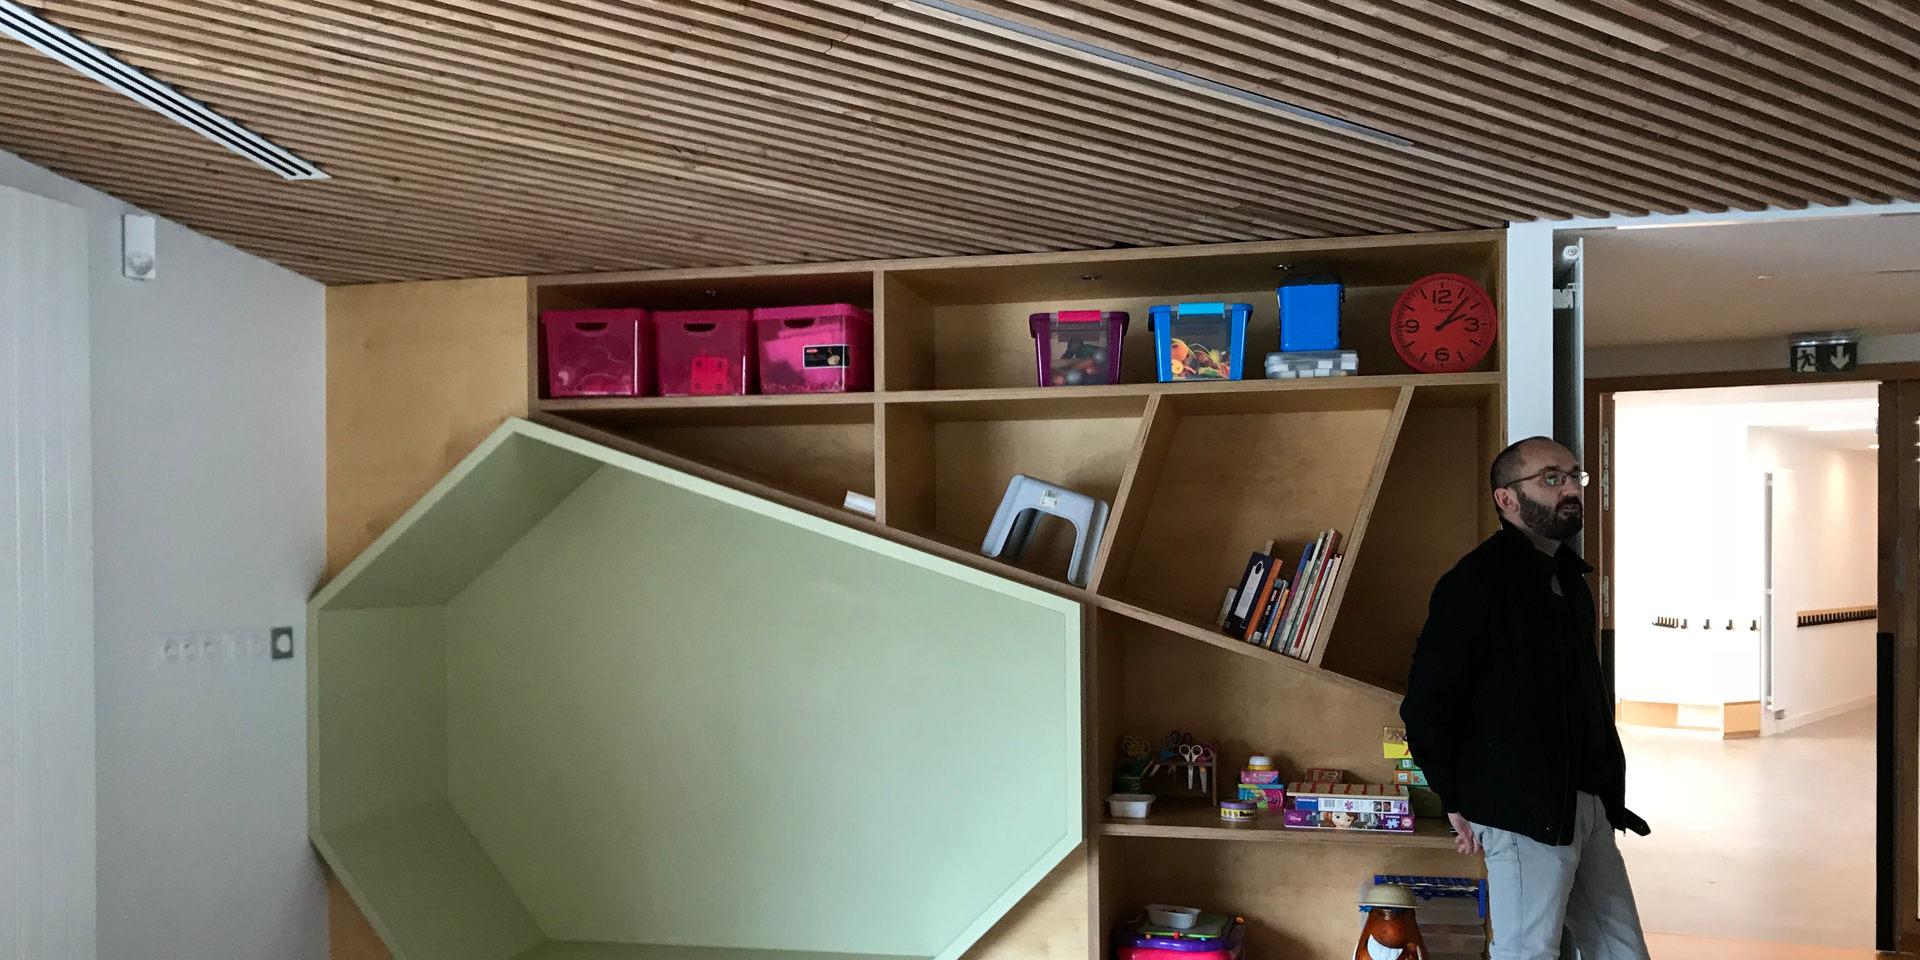 Pôle enfance - Brains - Drodelot Architecte